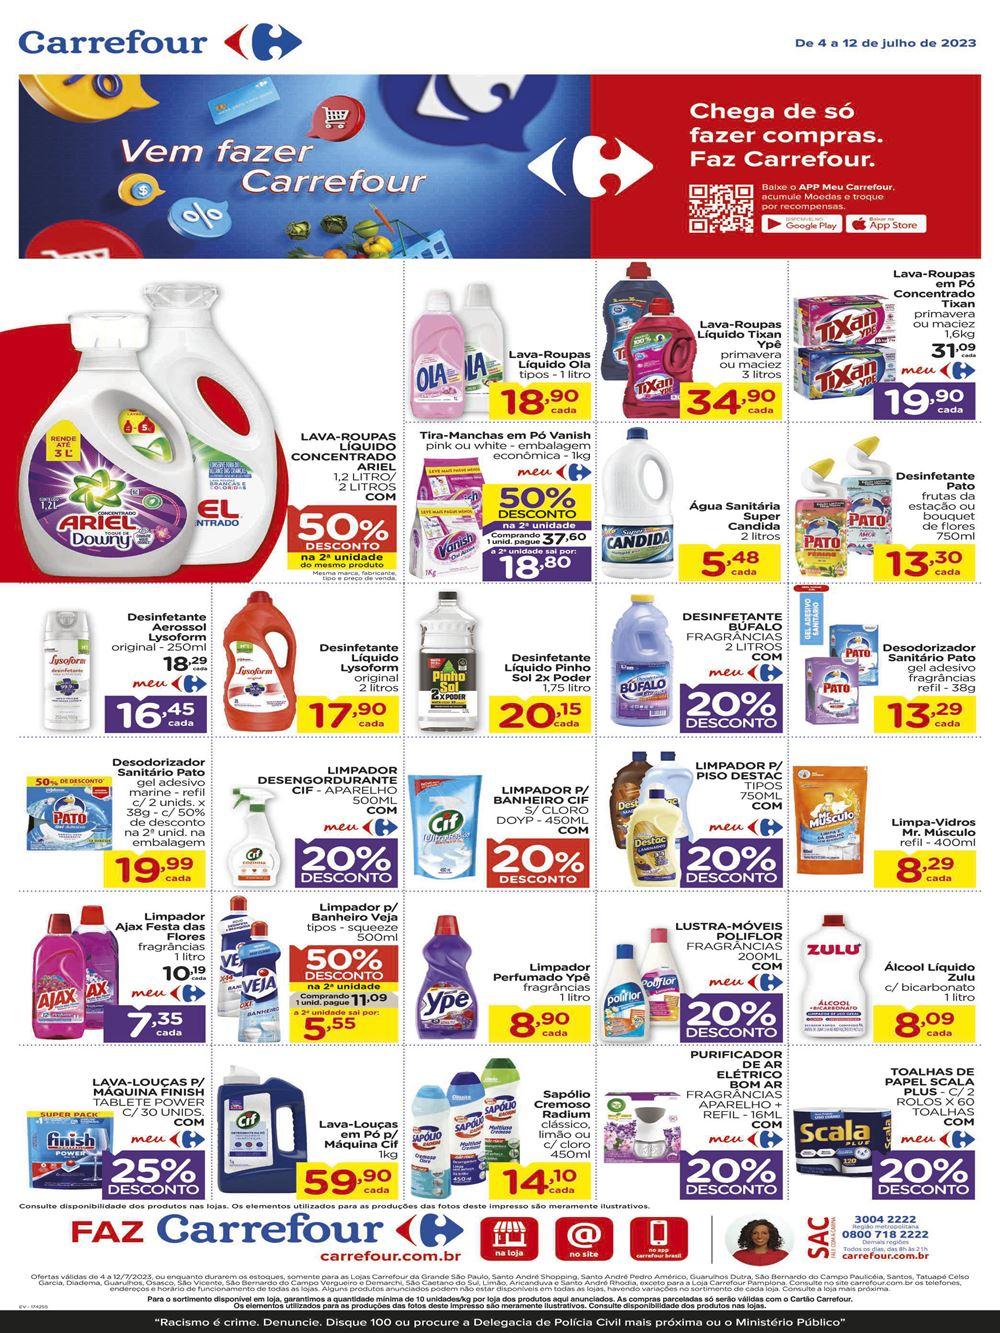 carrefour-ofertas-descontos-hoje10-10 Carrefour até 19/05